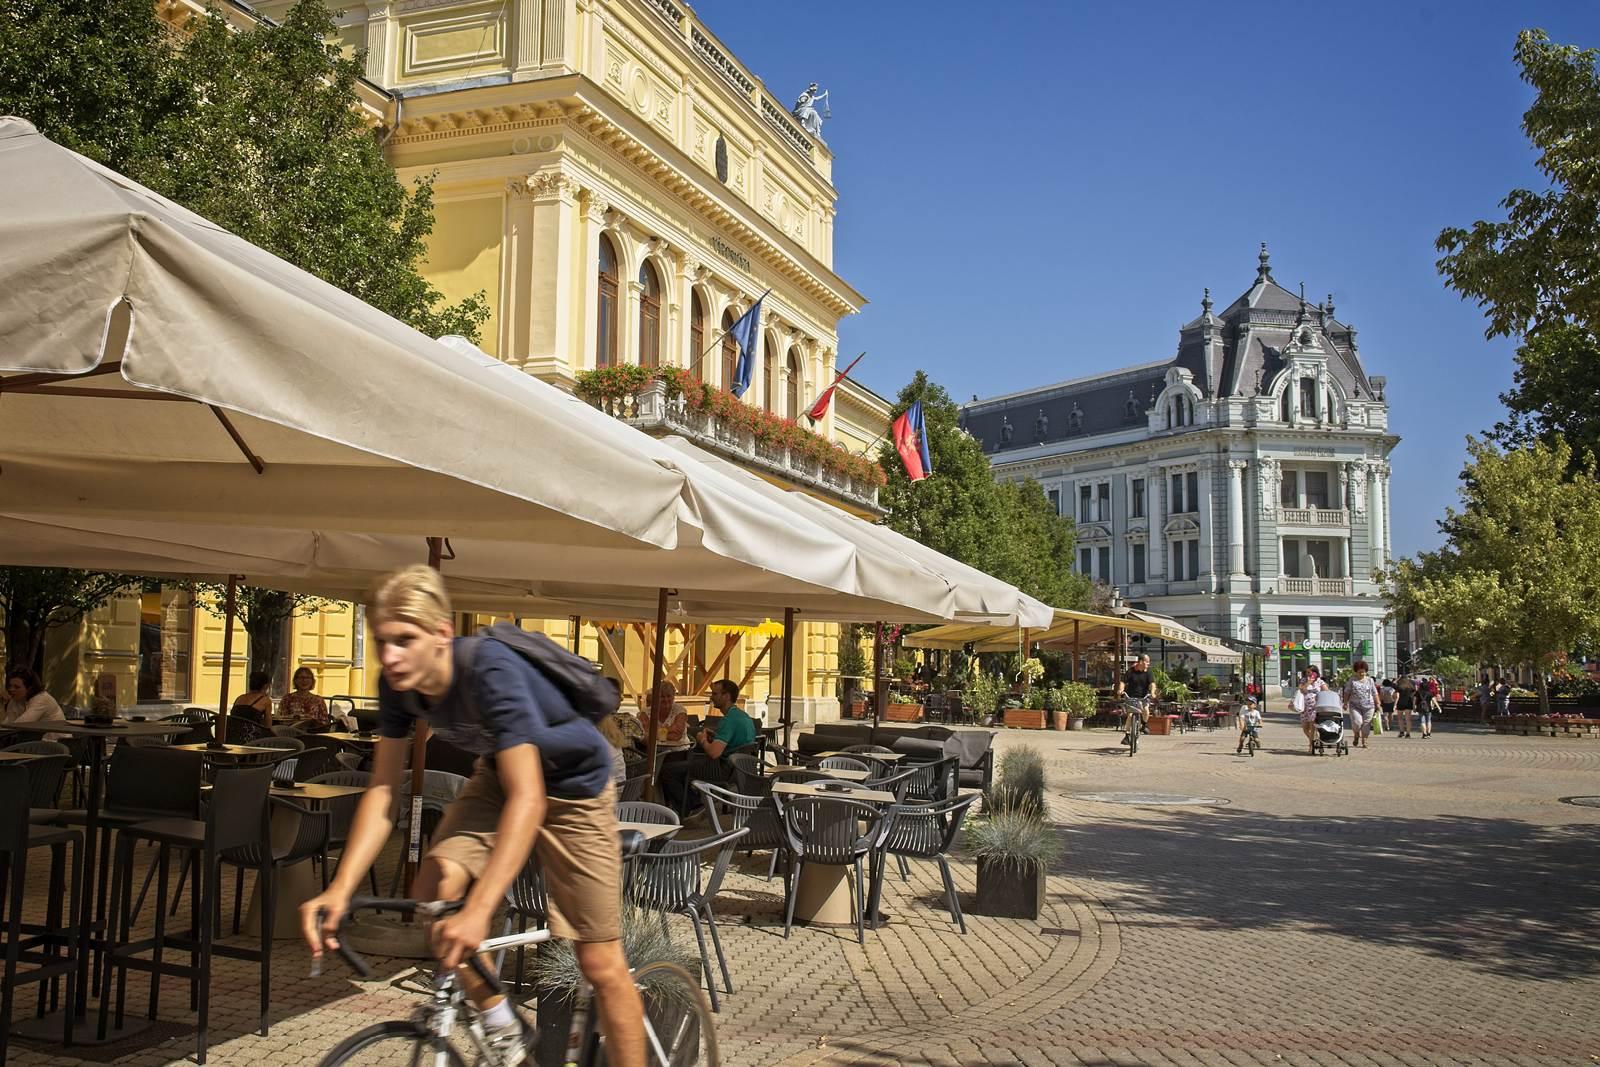 niregyhaza miasto plac kossutha noclegi na węgrzech